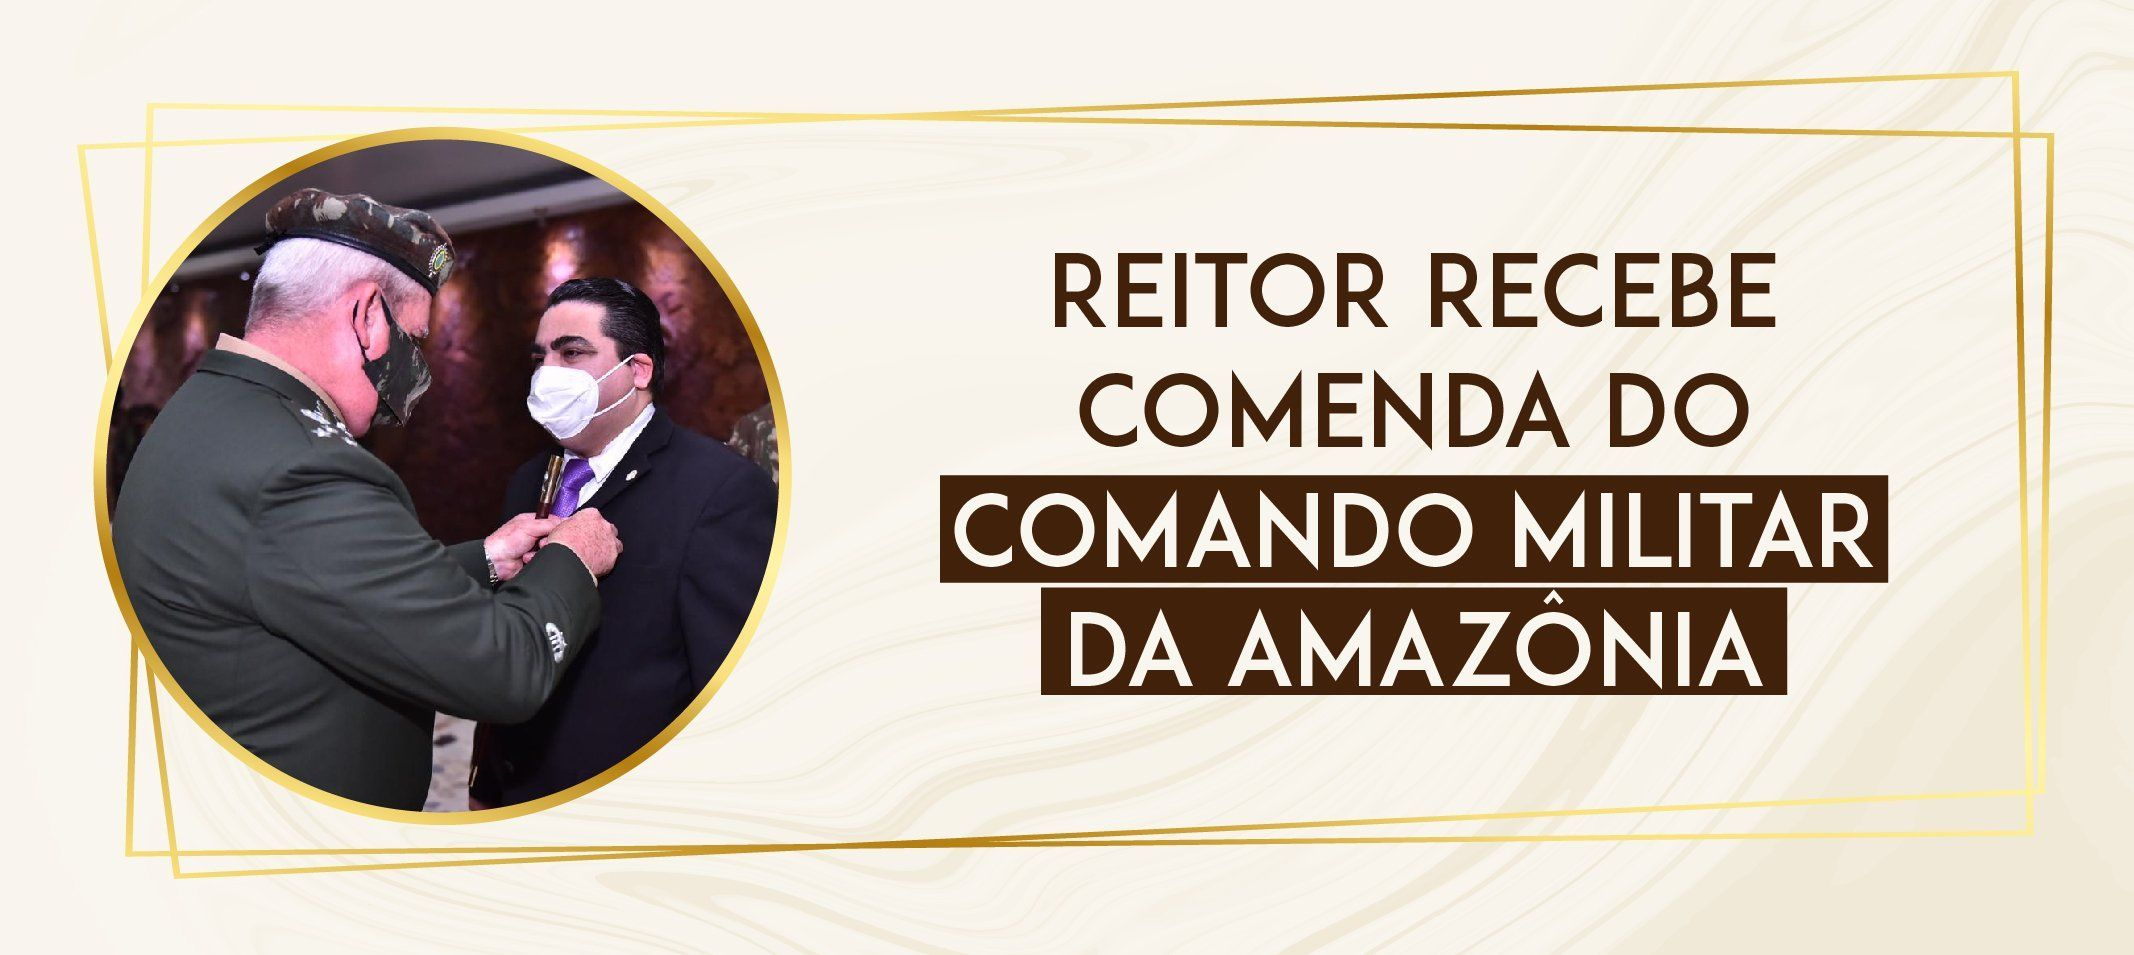 Reitor recebe comenda do Comando Militar da Amazônia